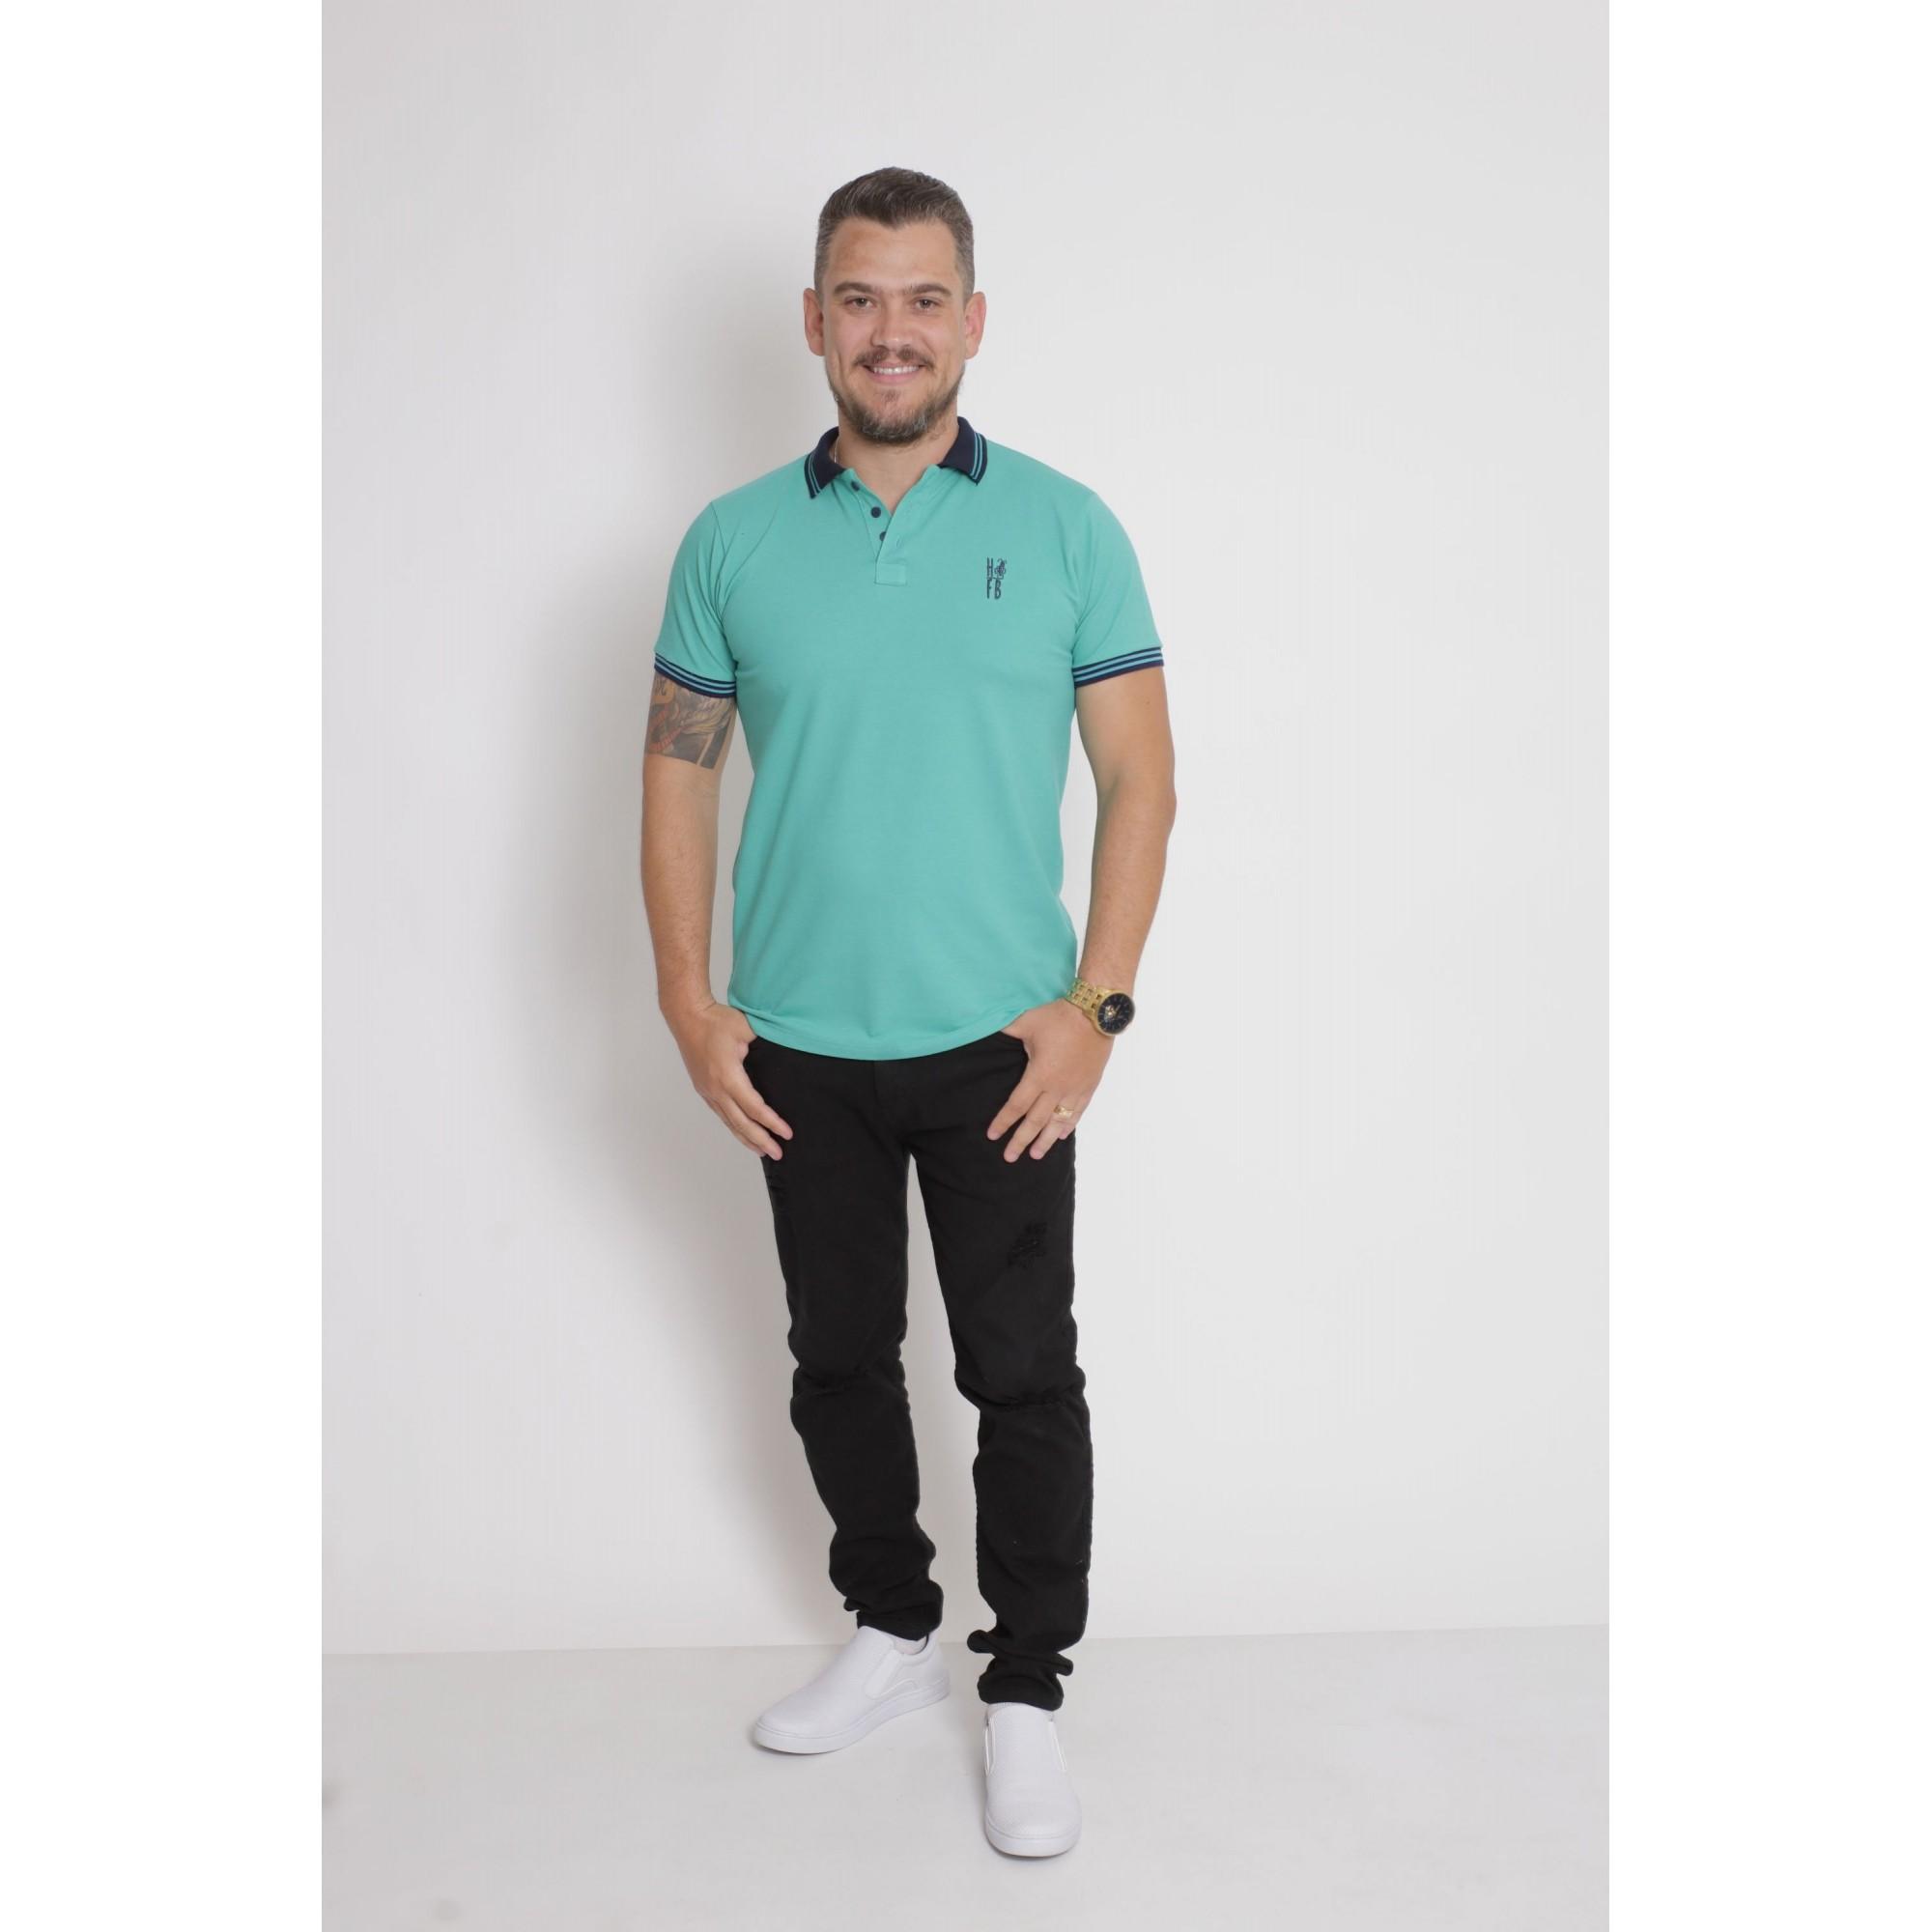 NAMORADOS > Kit 02 Peças Camisas Polo Masculina + Feminina Azul Verde Jade [Coleção Namorados]  - Heitor Fashion Brazil